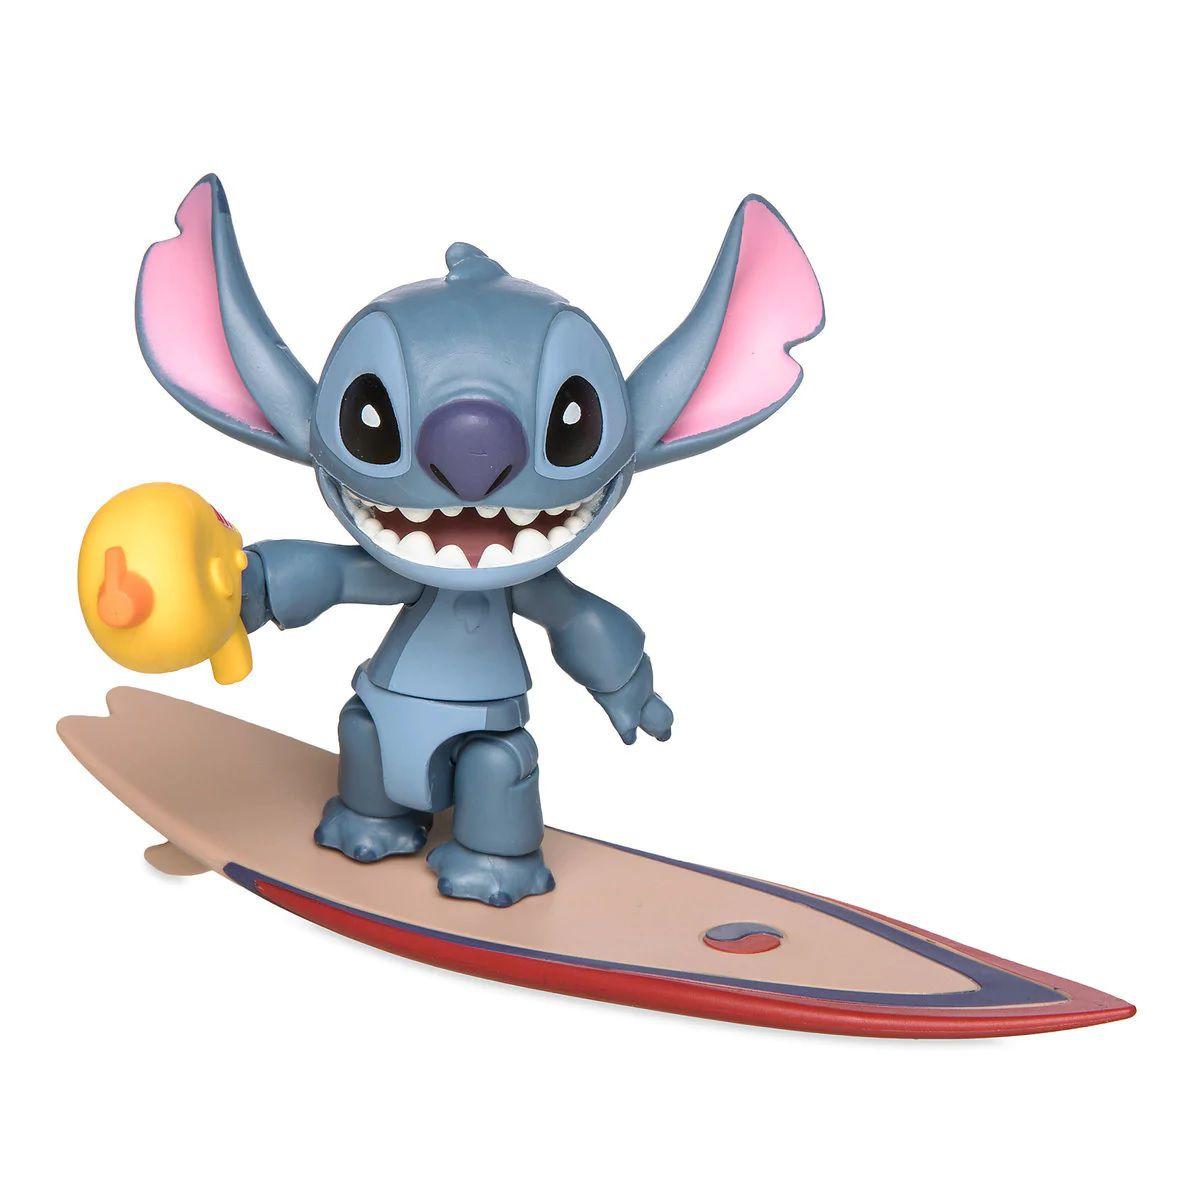 Boneco Stitch: Lilo & Stitch (Disney) ToyBox - Disney